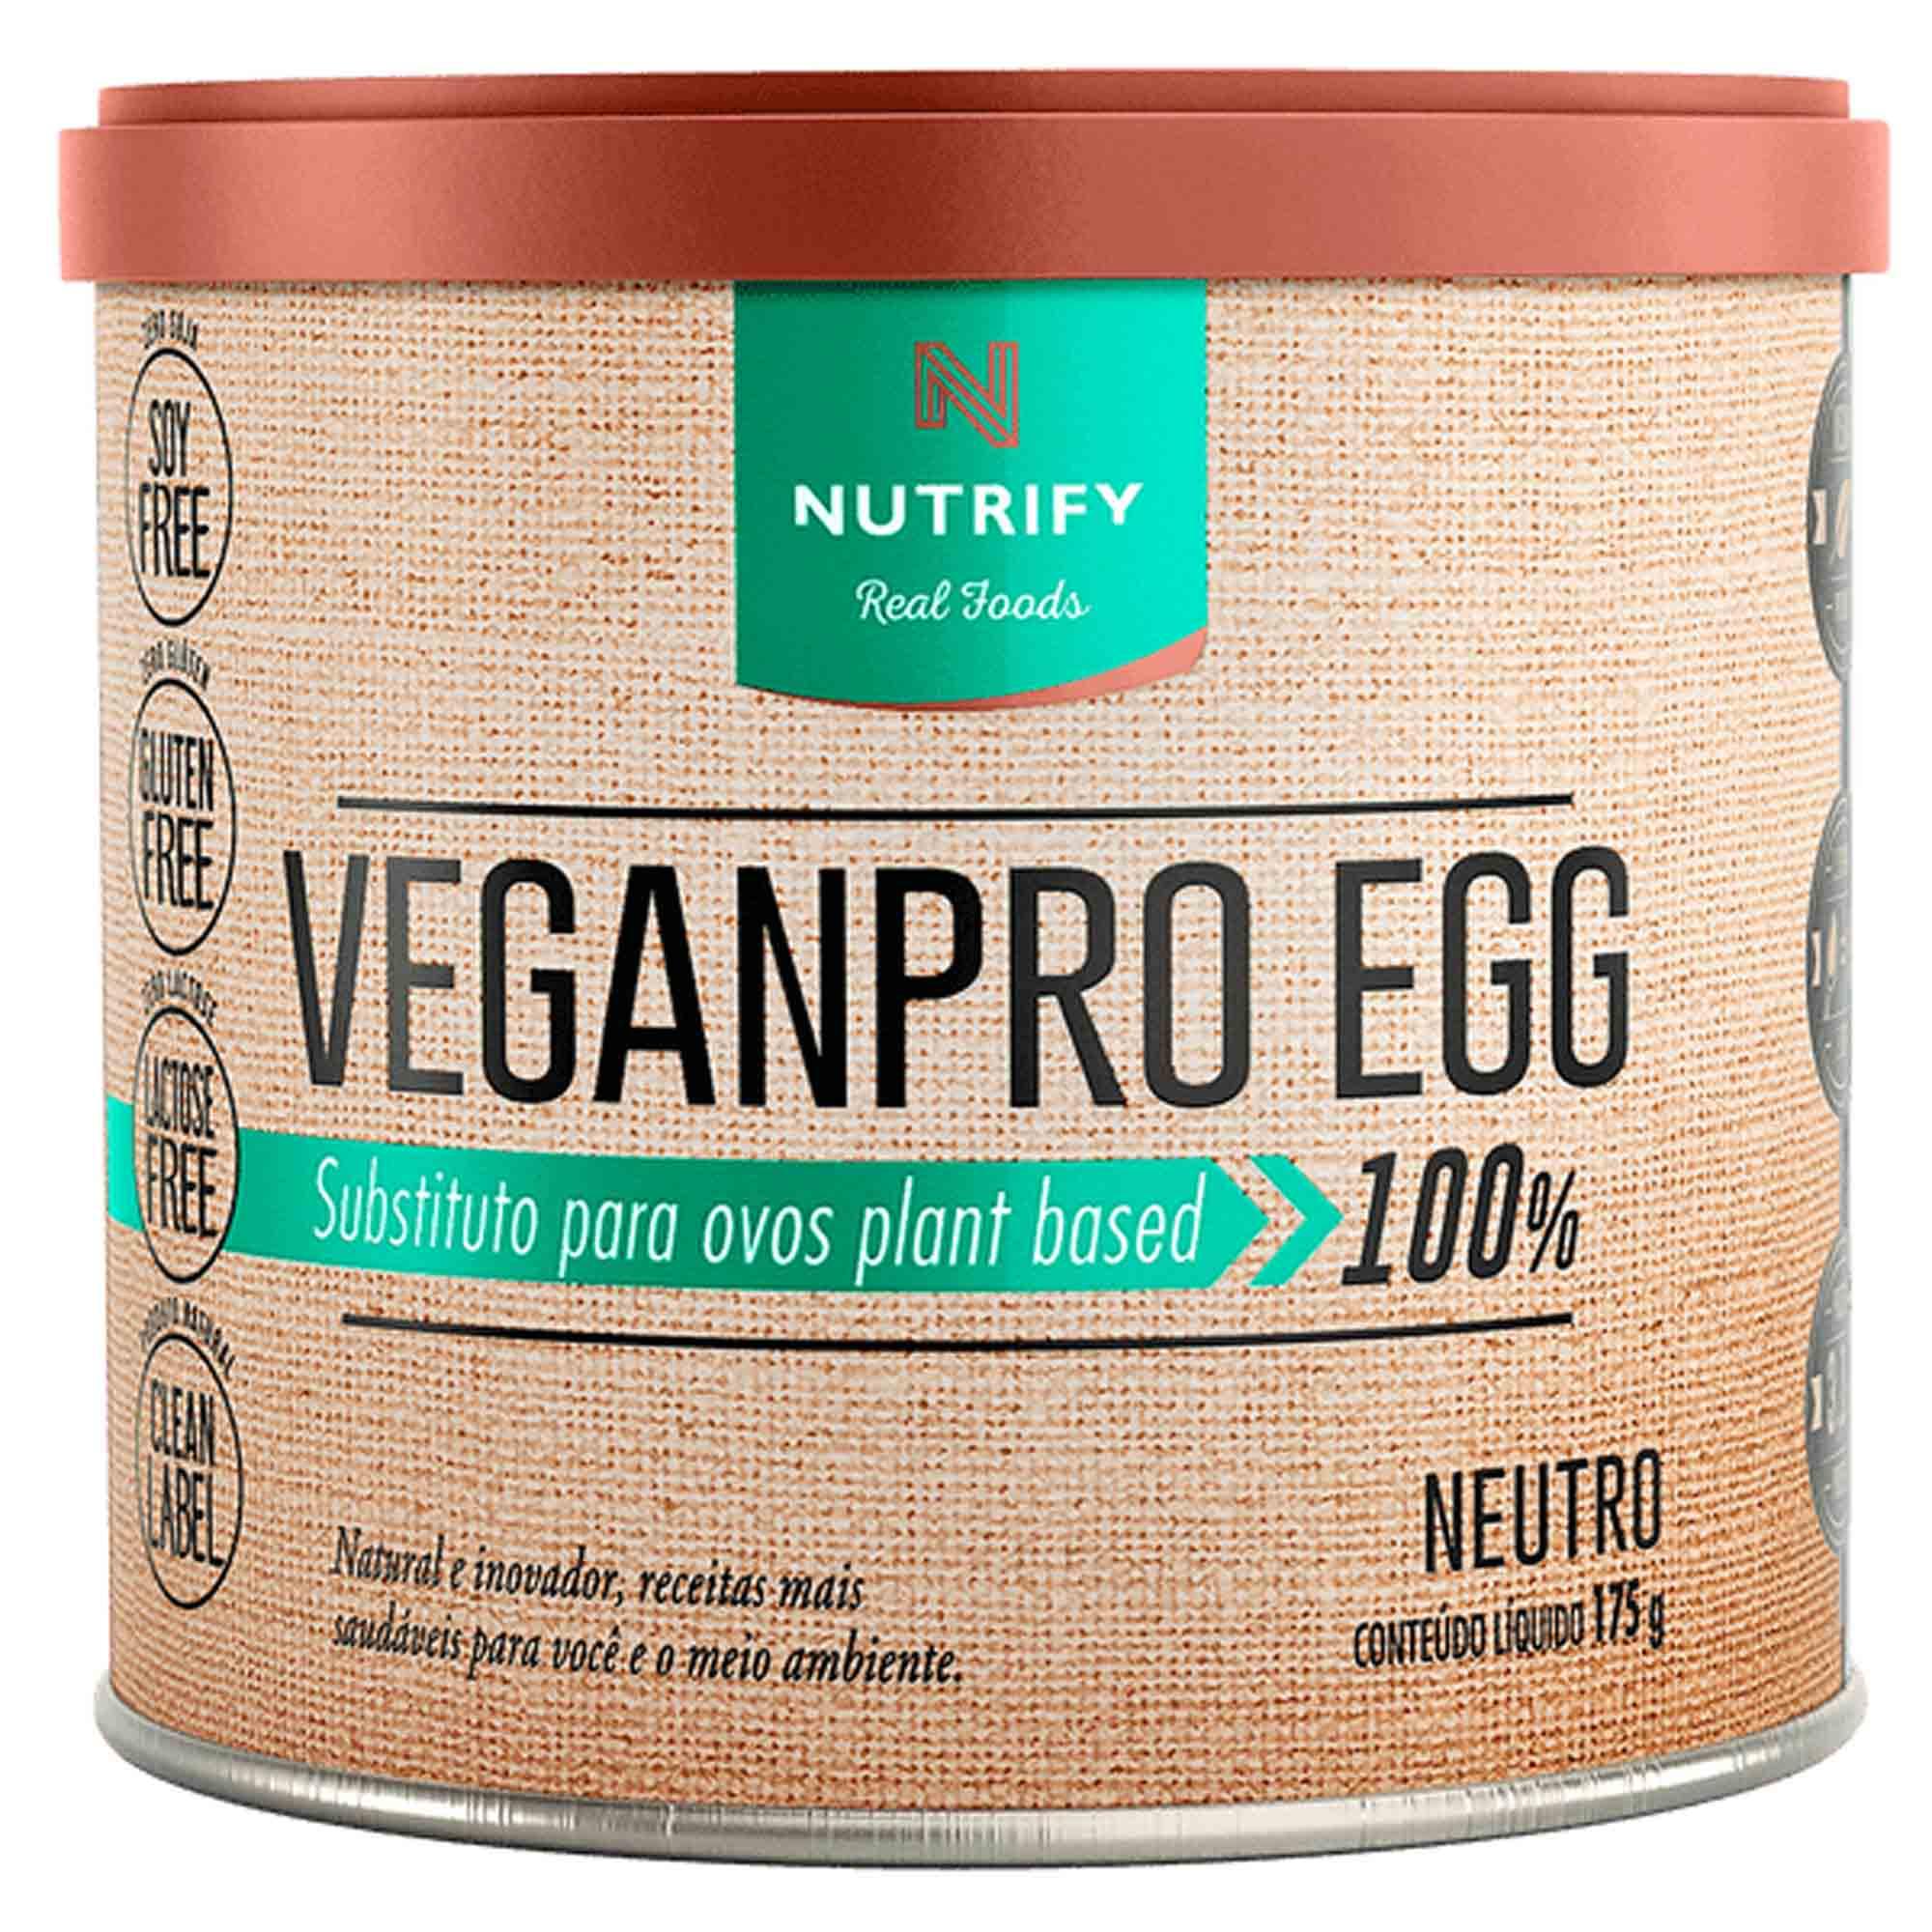 Veganpro EGG 175g Nutrify